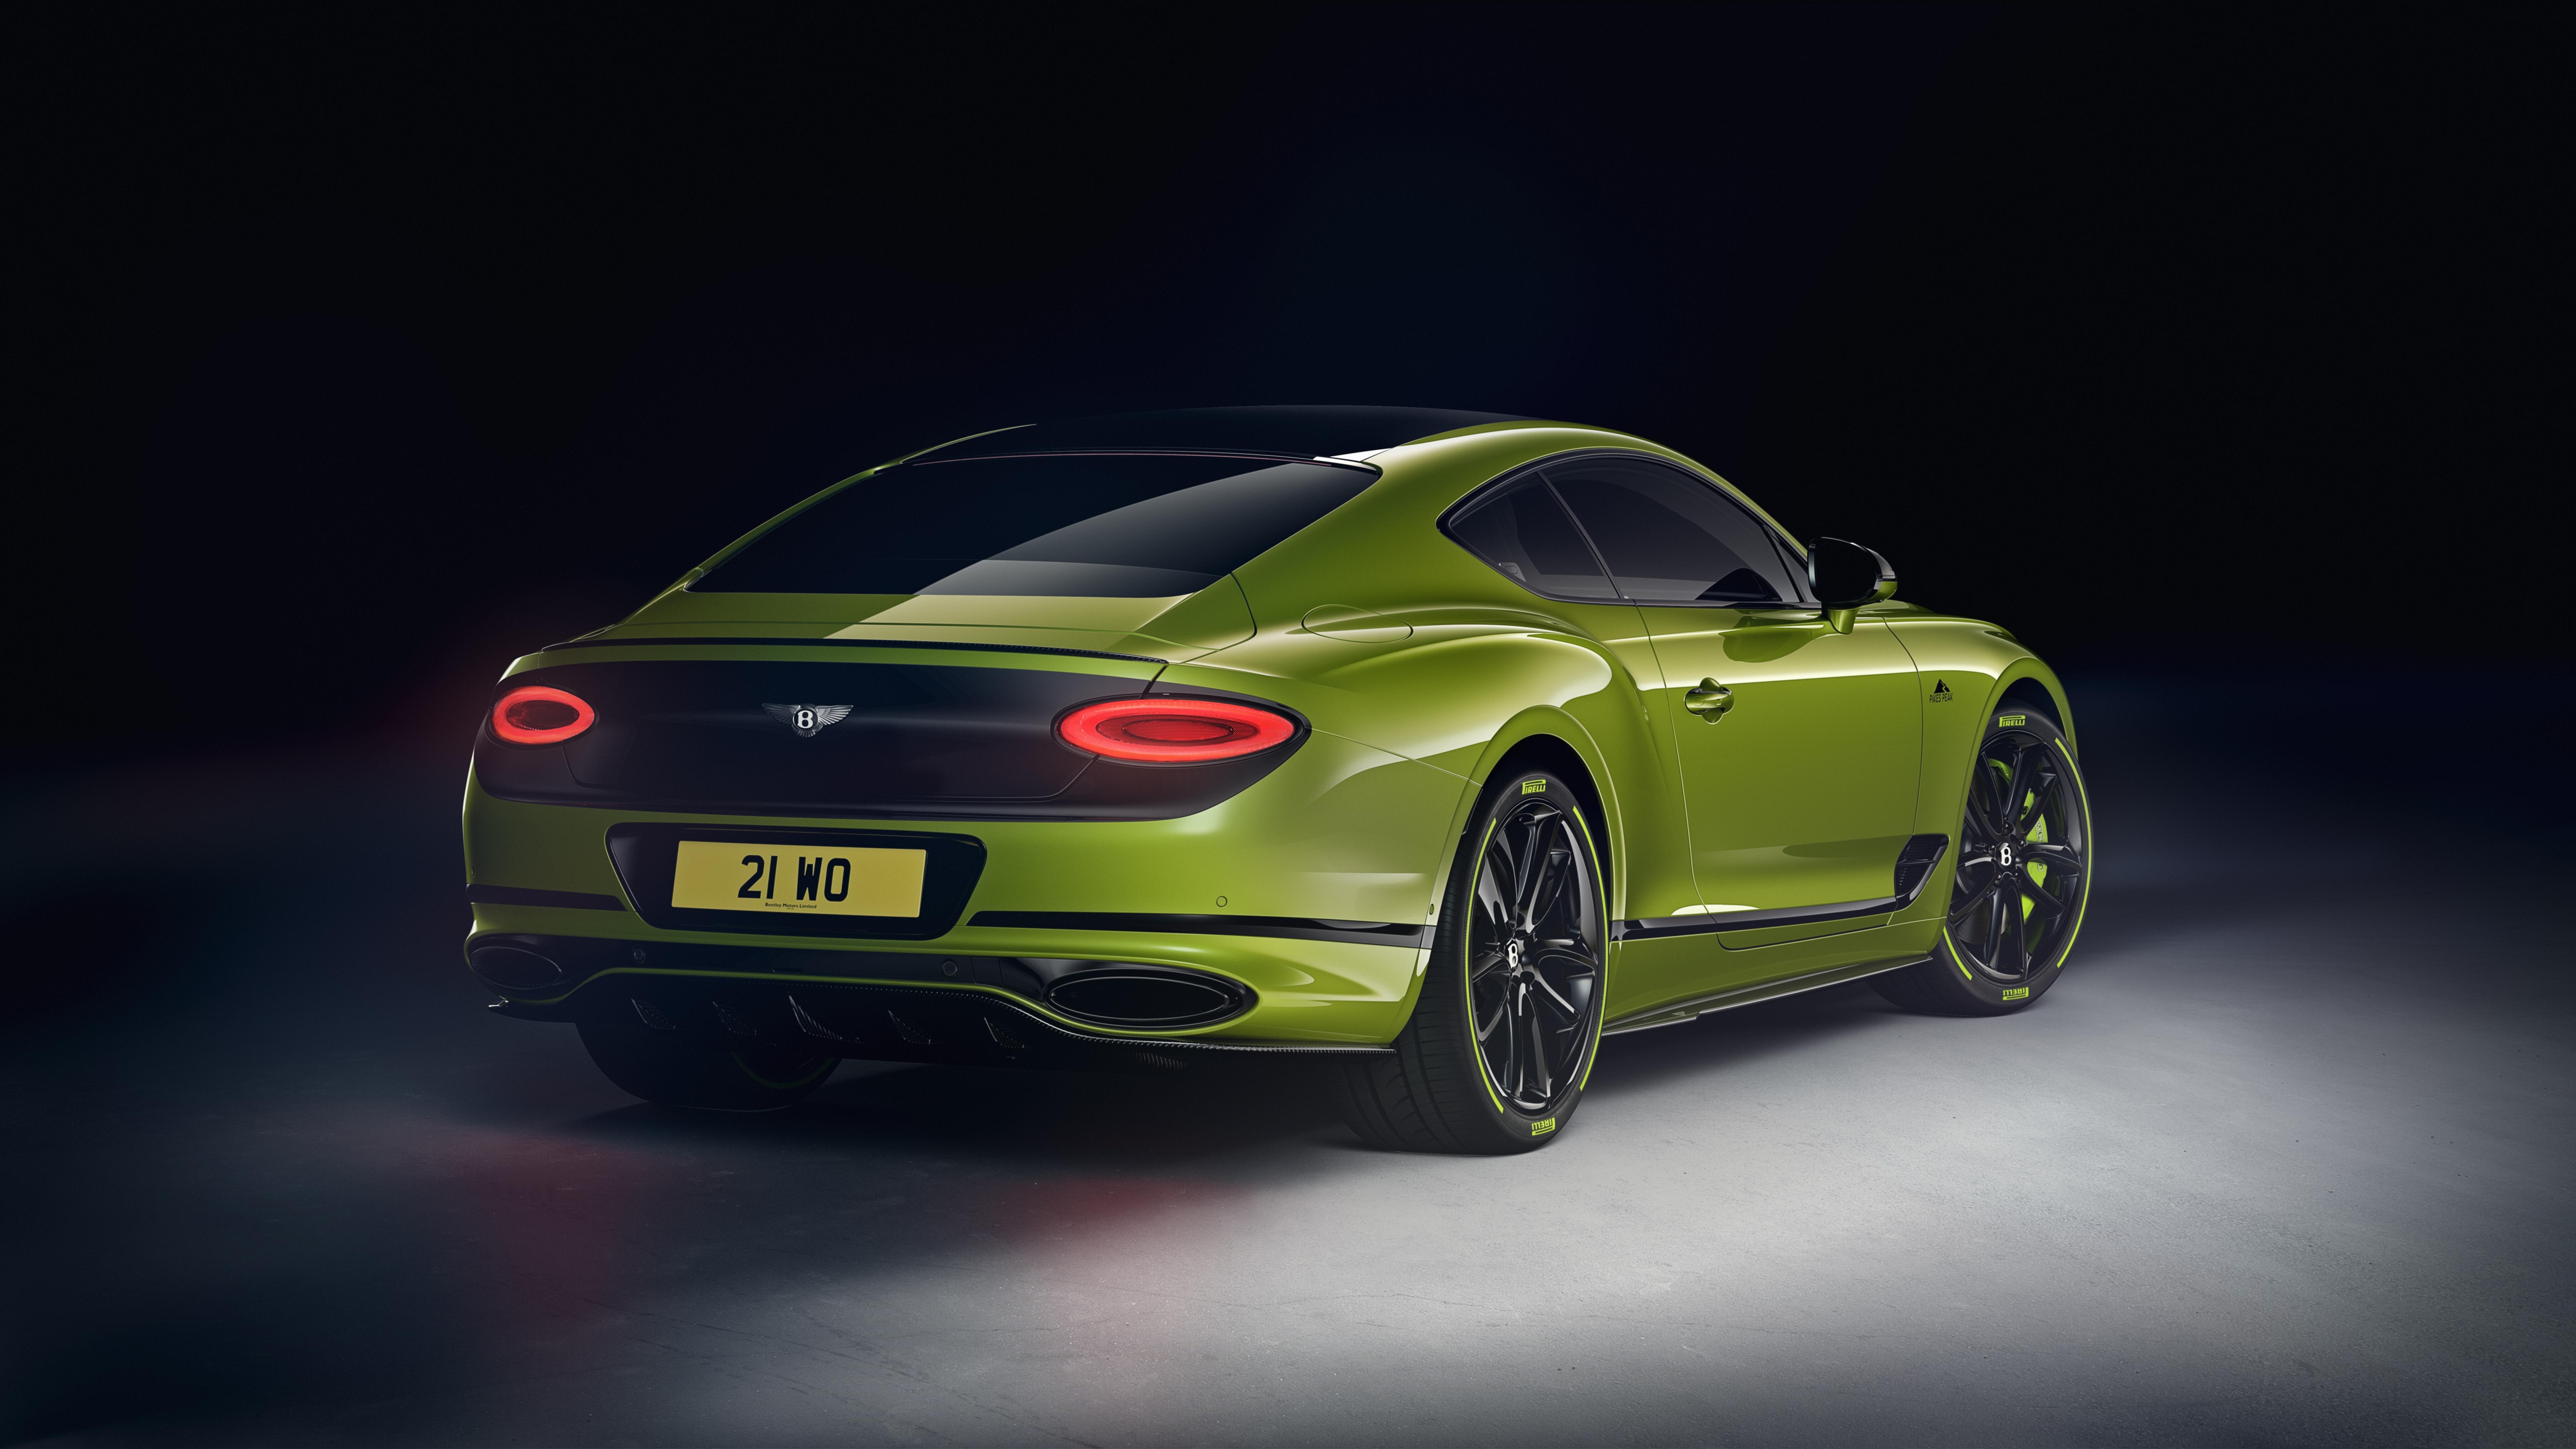 Bentley Limited Edition Continental Gt Festeja Al Auto De Produccion Mas Rapido De Pikes Peak